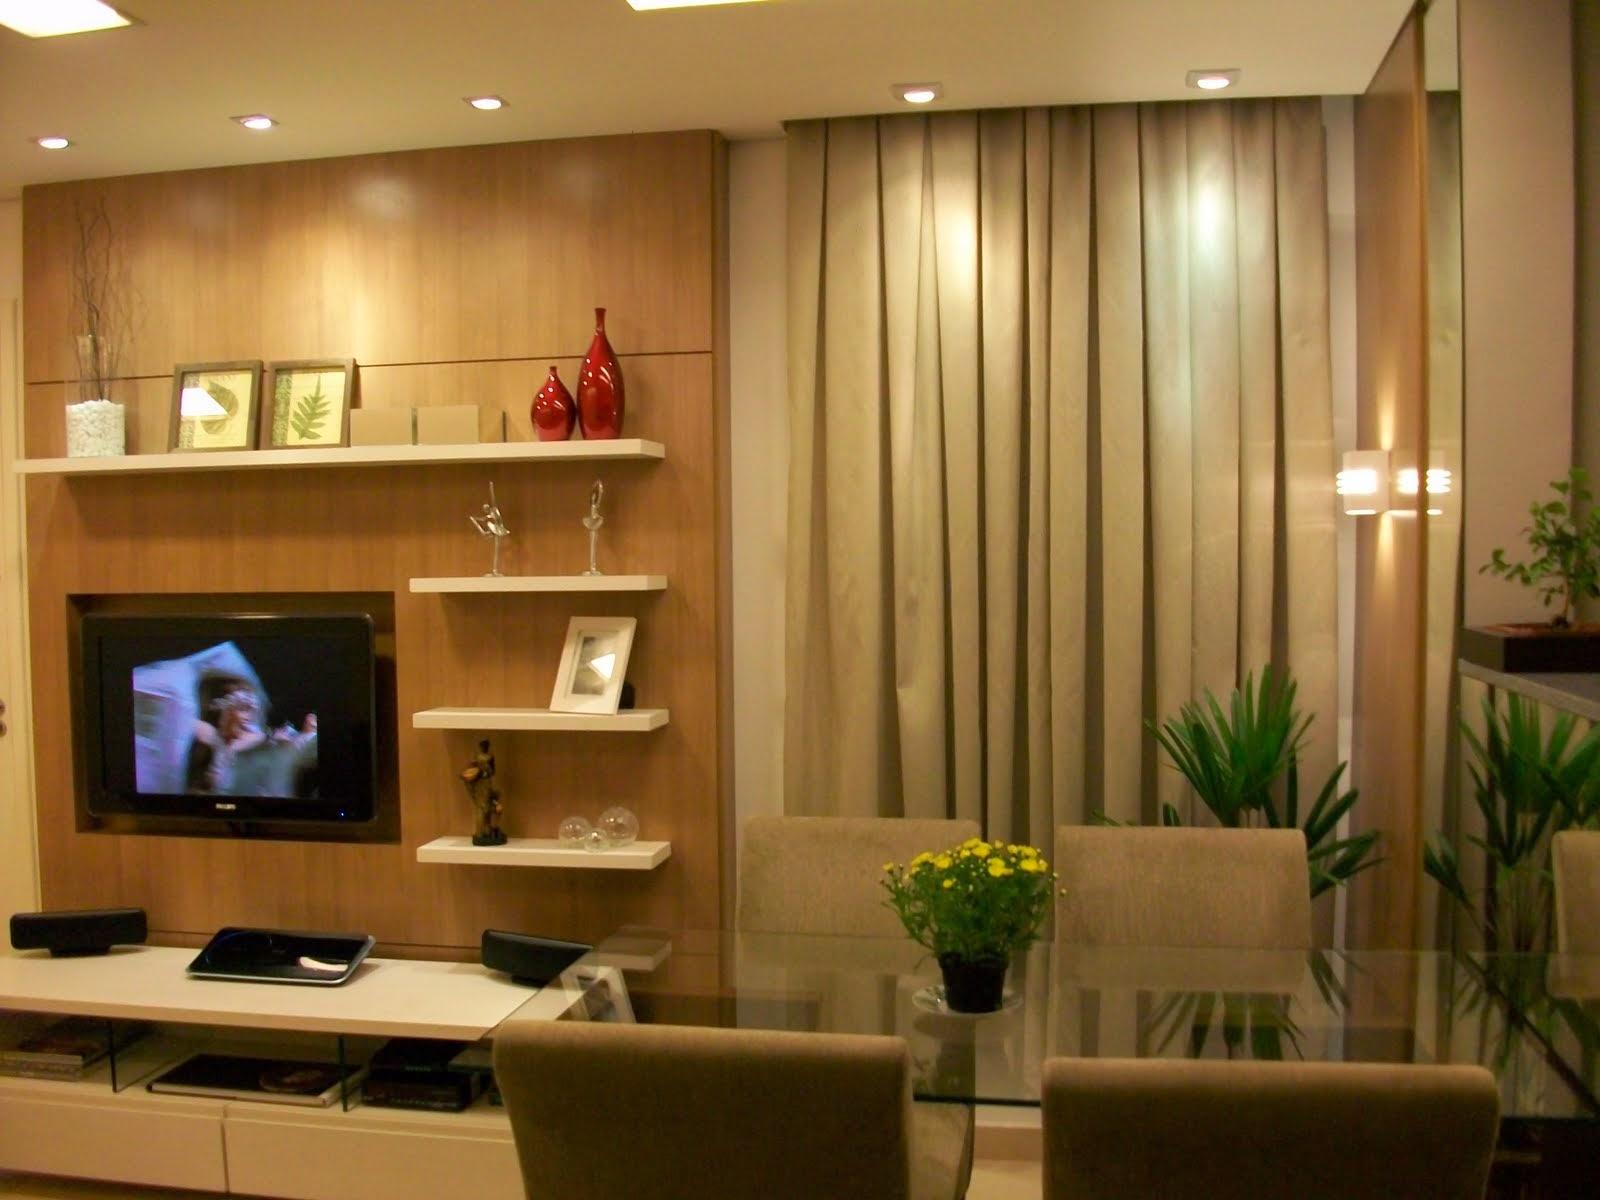 Soluções para apartamentos pequenos Apê em Decoração #2E2308 1600 1200